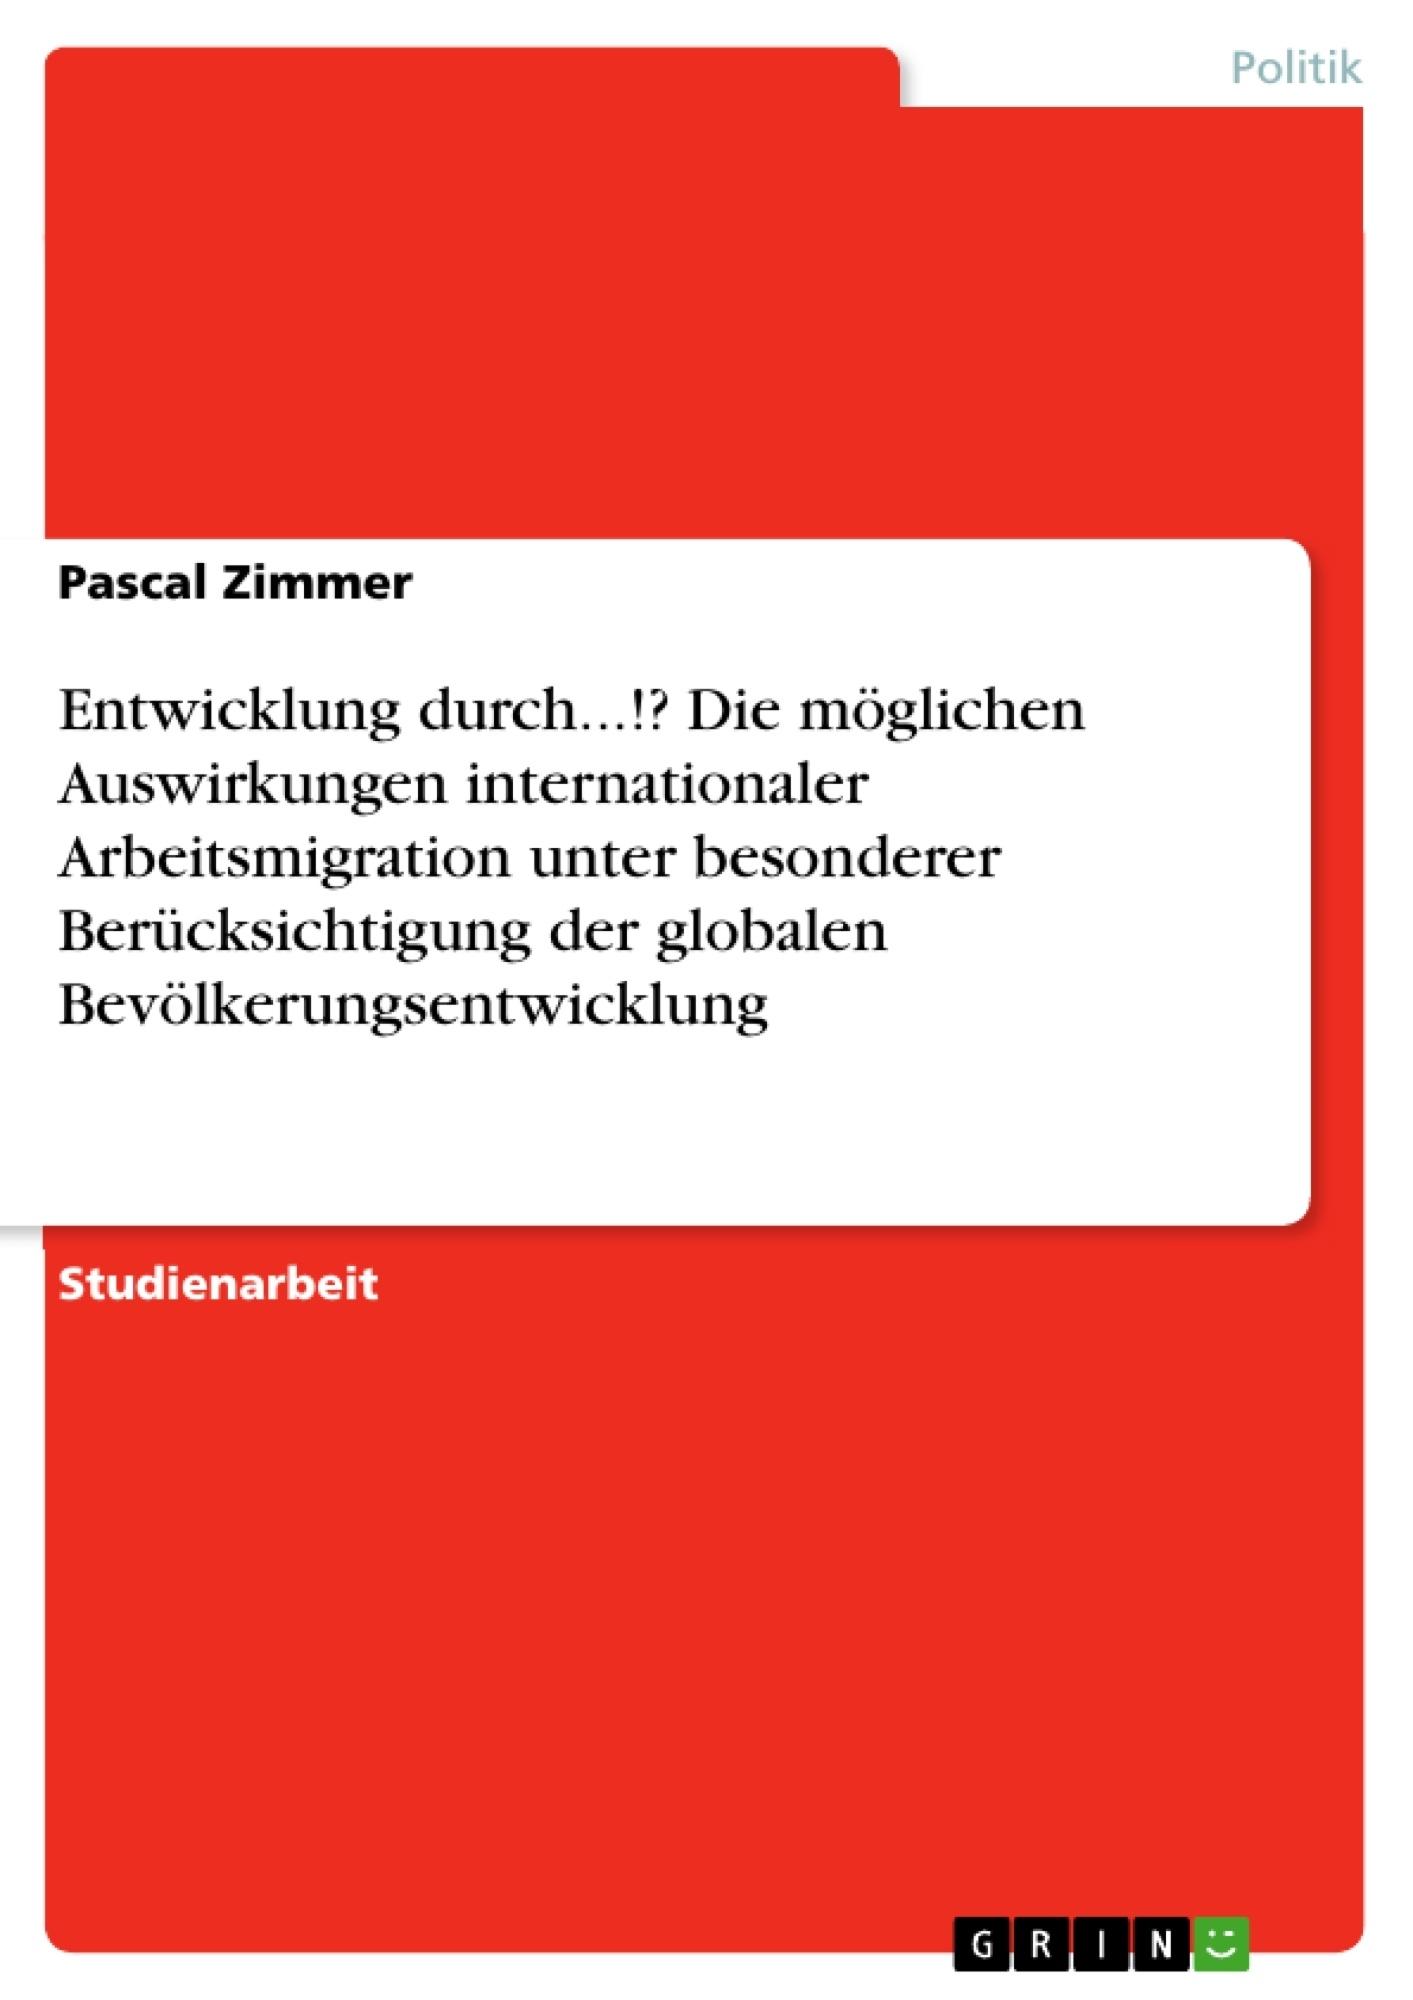 Titel: Entwicklung durch...!? Die möglichen Auswirkungen internationaler Arbeitsmigration unter besonderer Berücksichtigung der globalen Bevölkerungsentwicklung